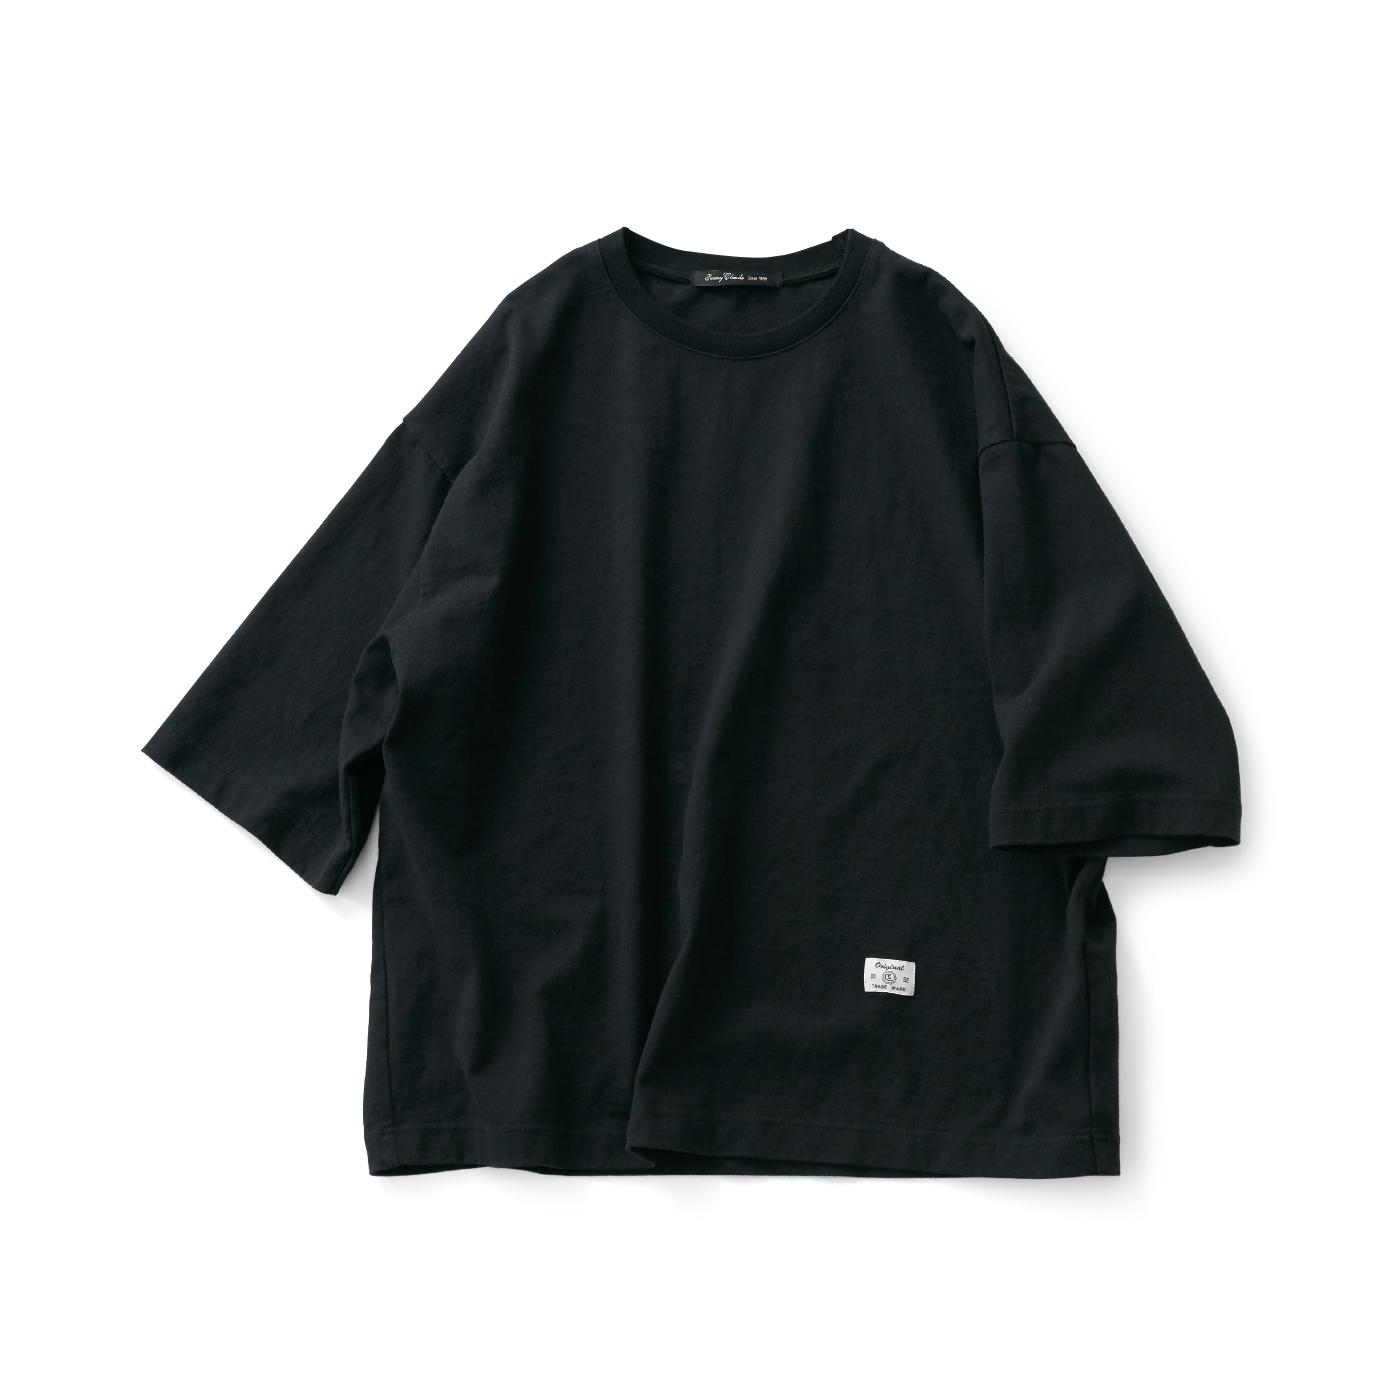 サニークラウズ ドデカいTシャツ黒